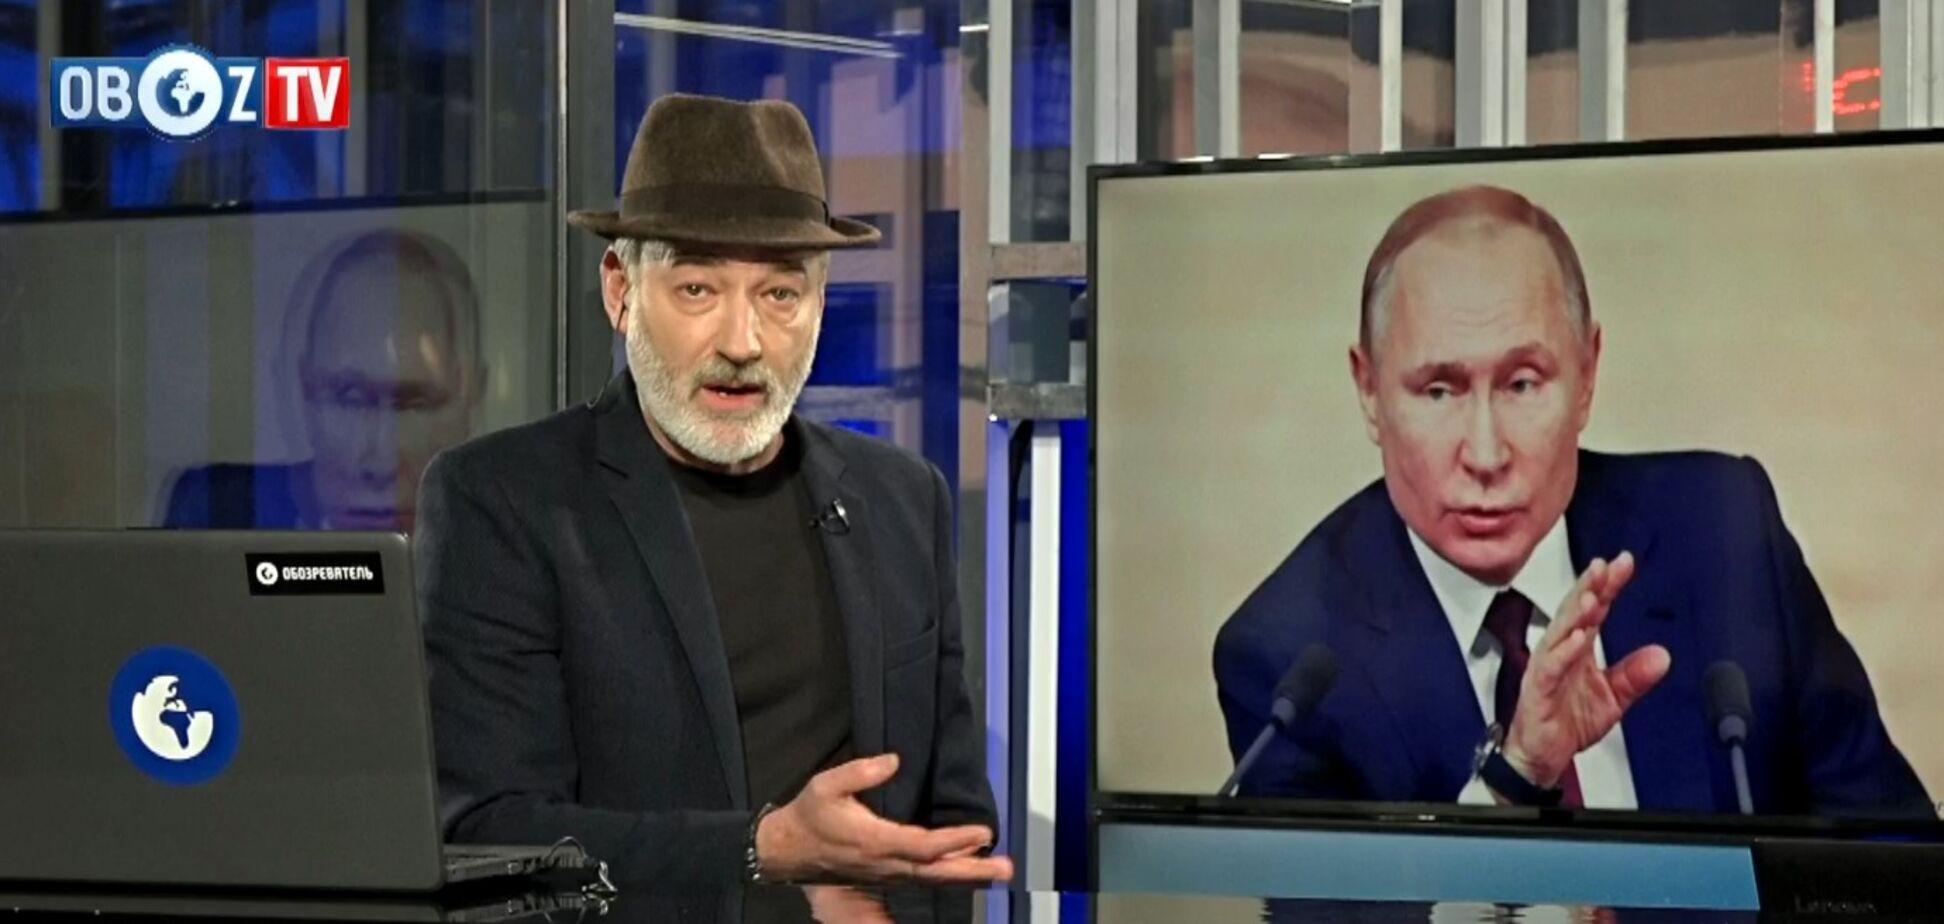 ПОРЄБРІК: Путін похвалився унікальною зброєю